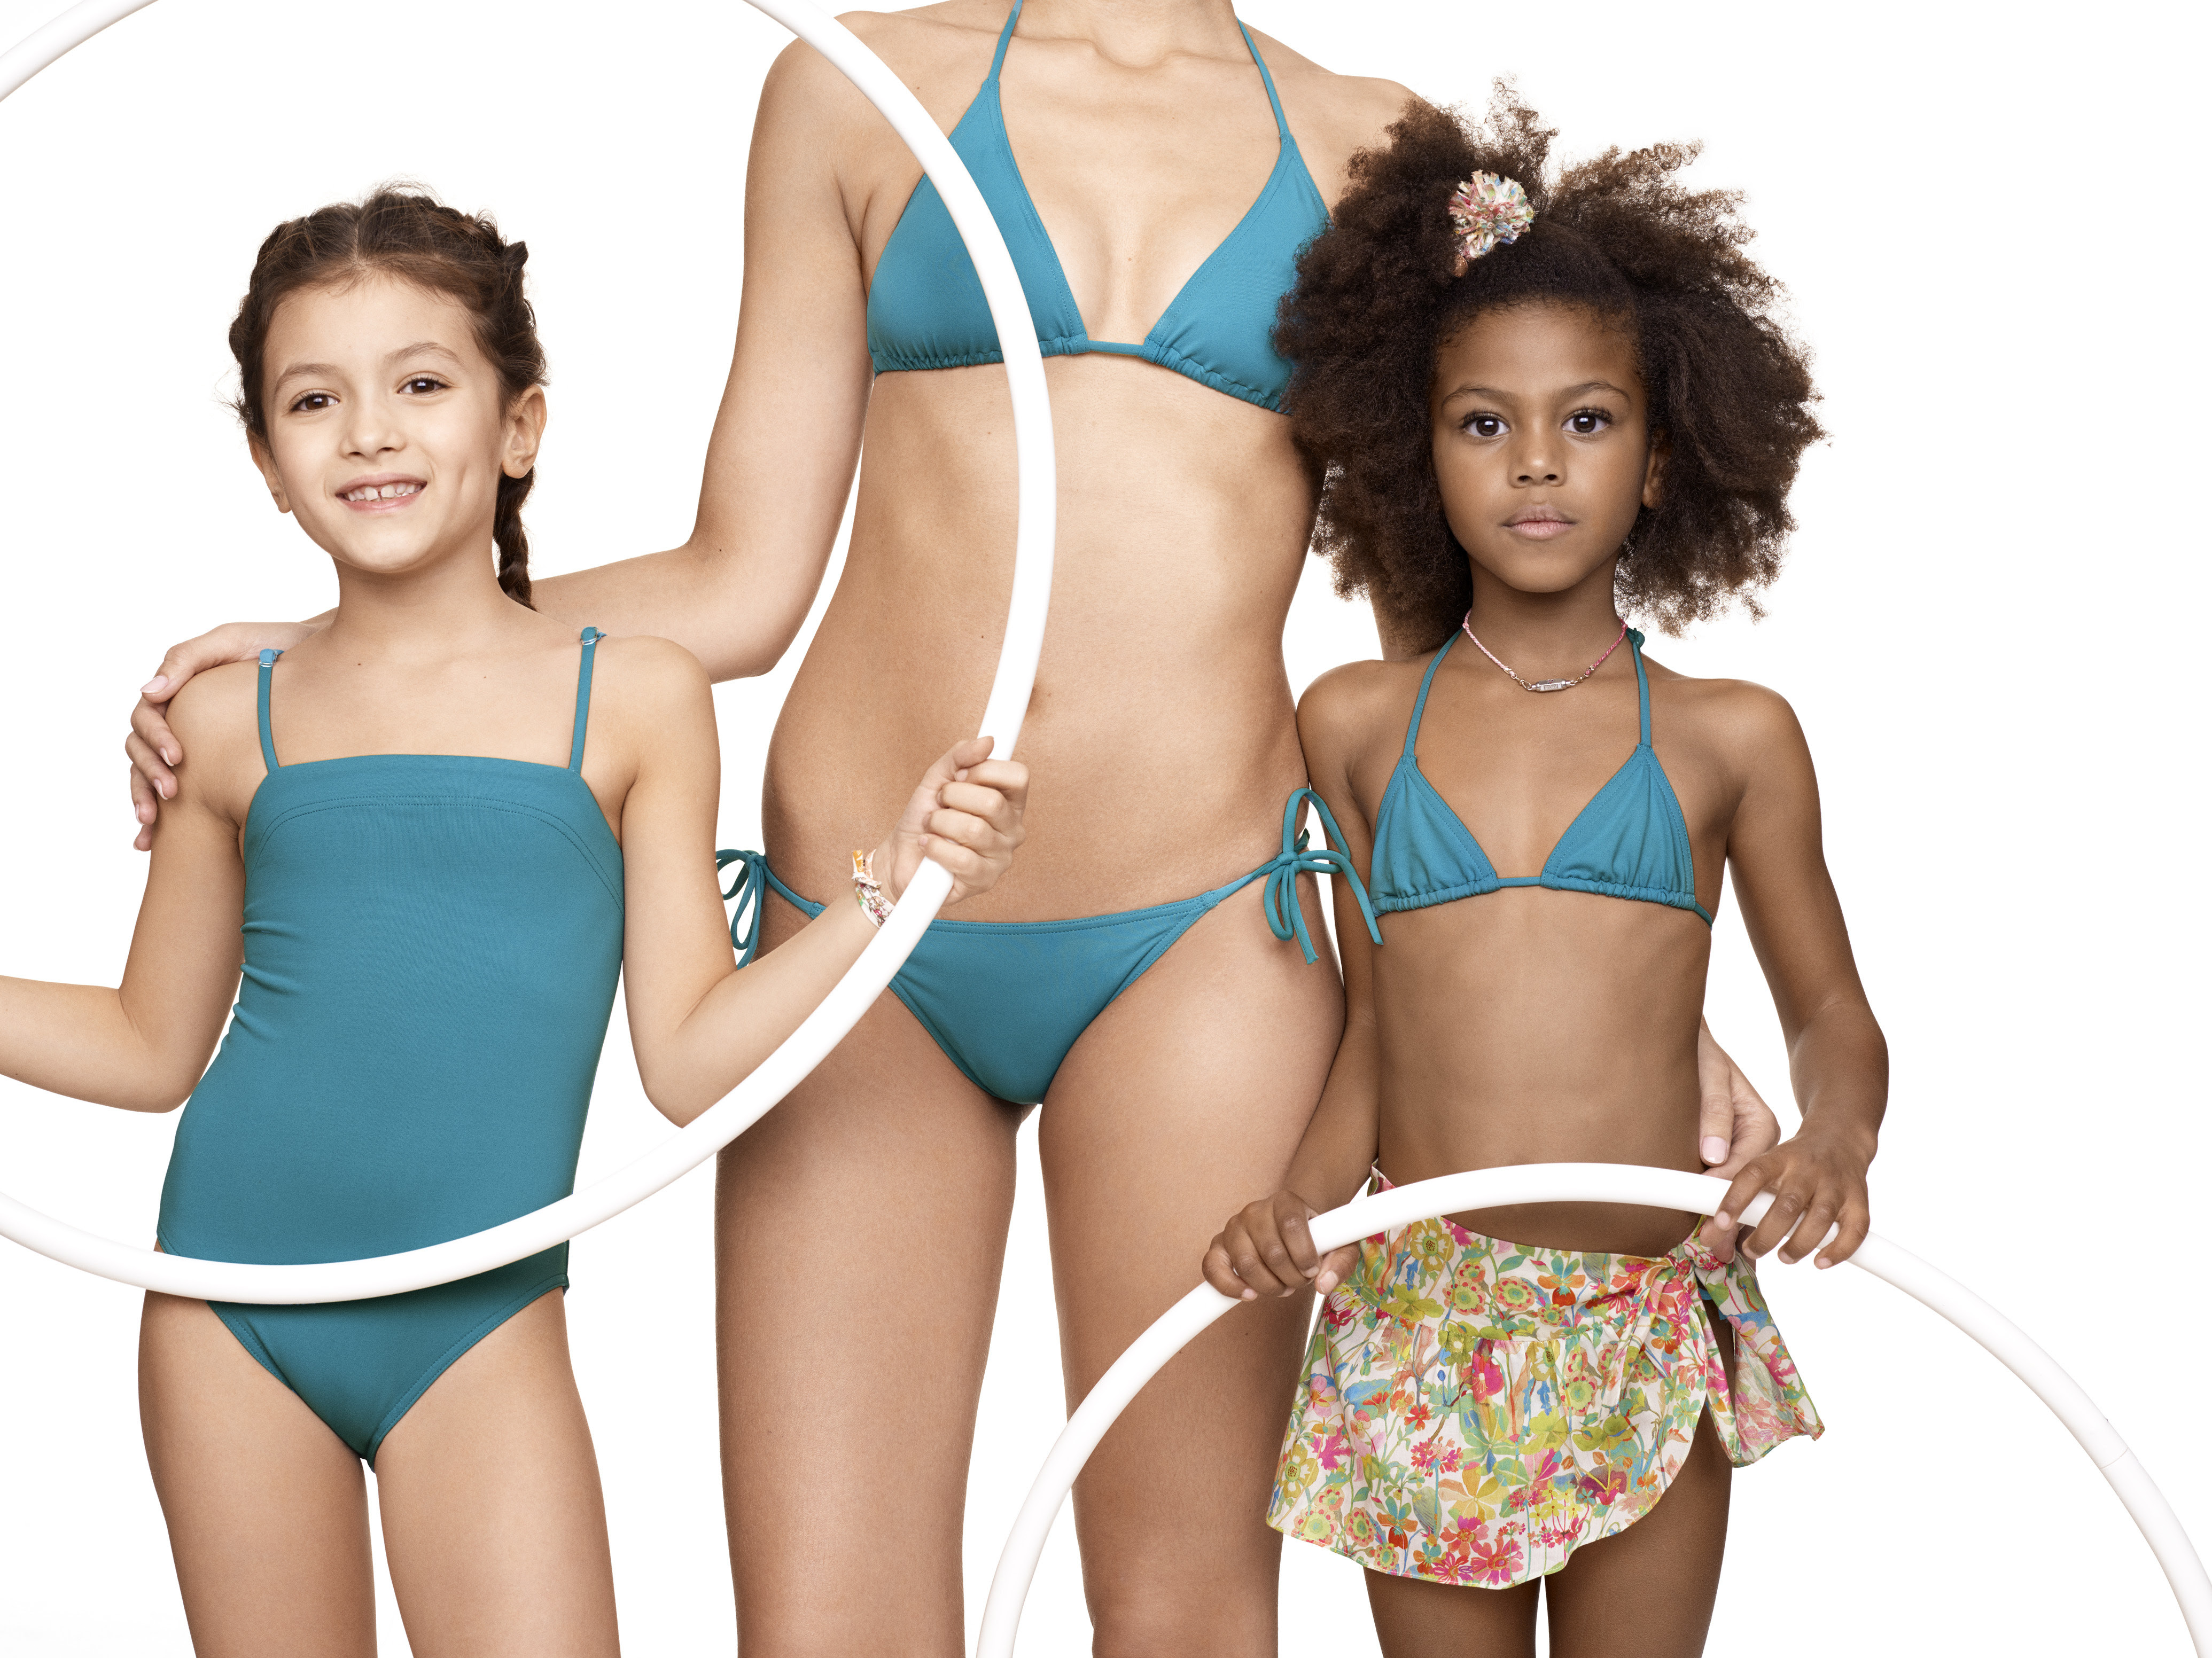 f04e432e e958 407f 8dc1 e0eef6455f34 - Eres y Bonpoint colaboran en una colección de  ropa de baño para niñas y madres